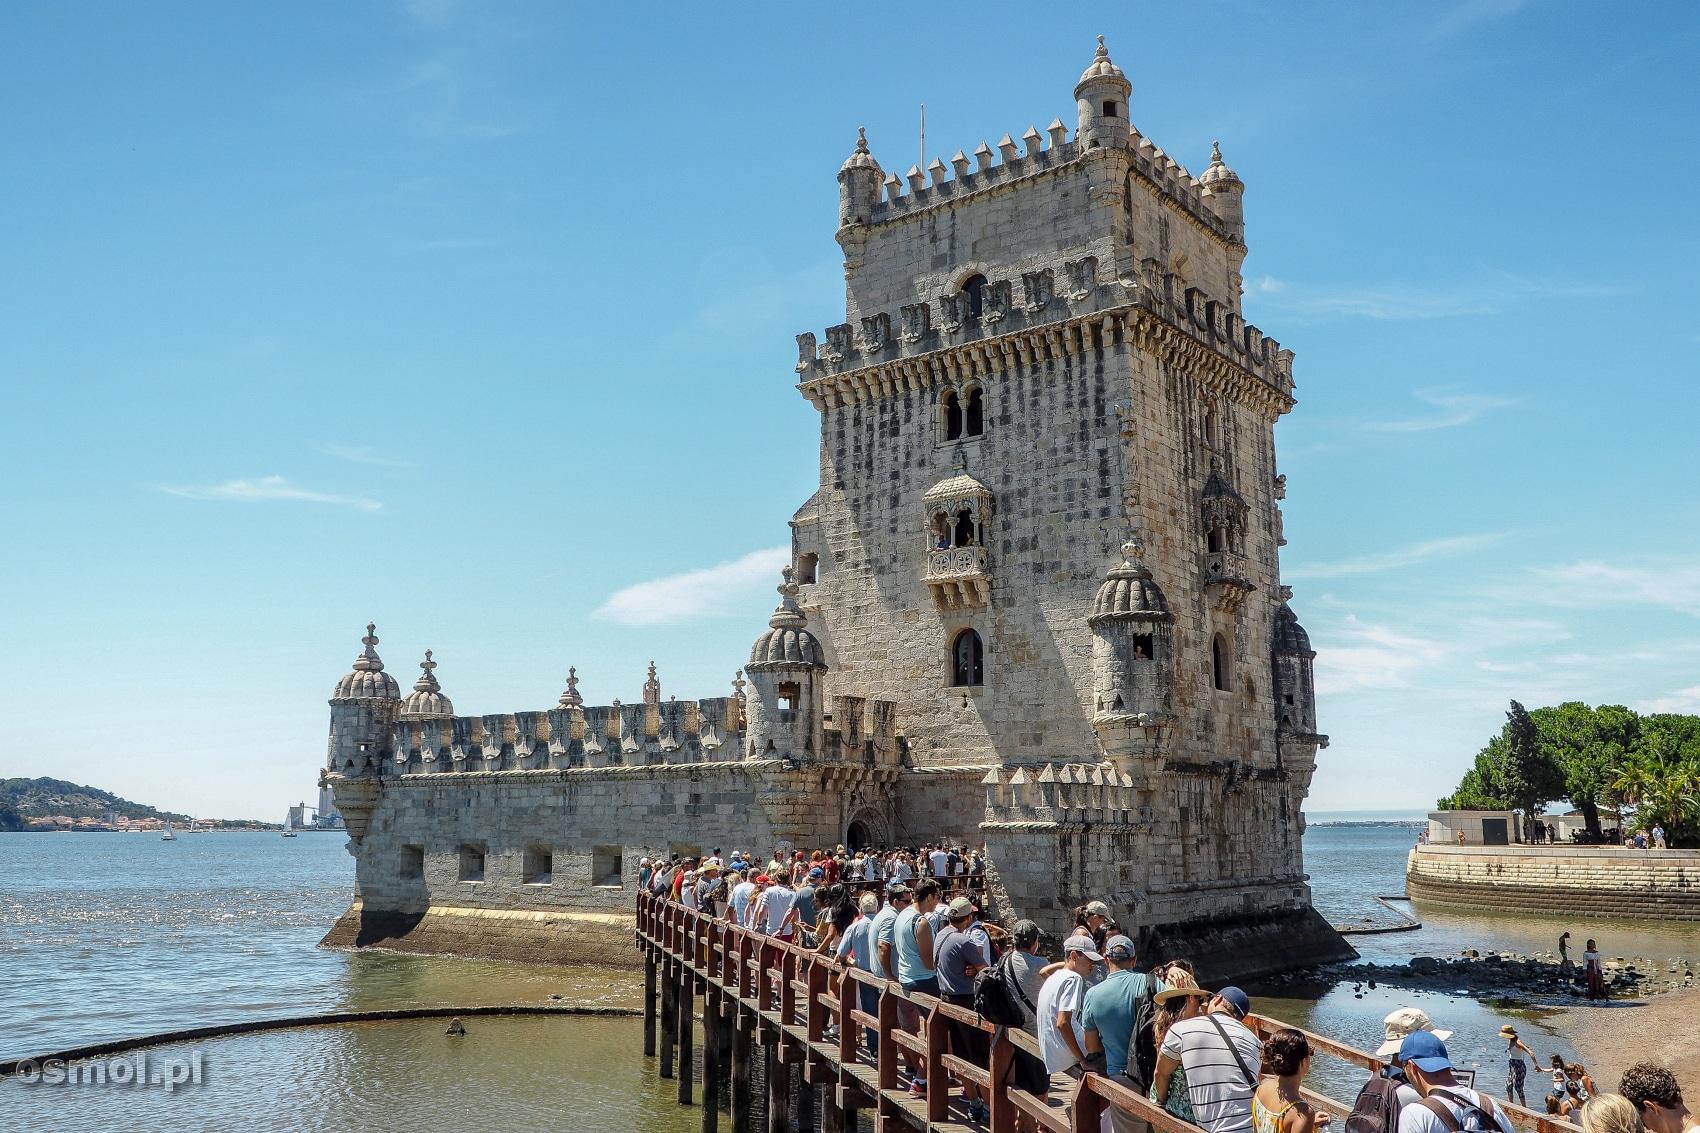 Torre de Belem w dzielnicy Belem w Lizbonie